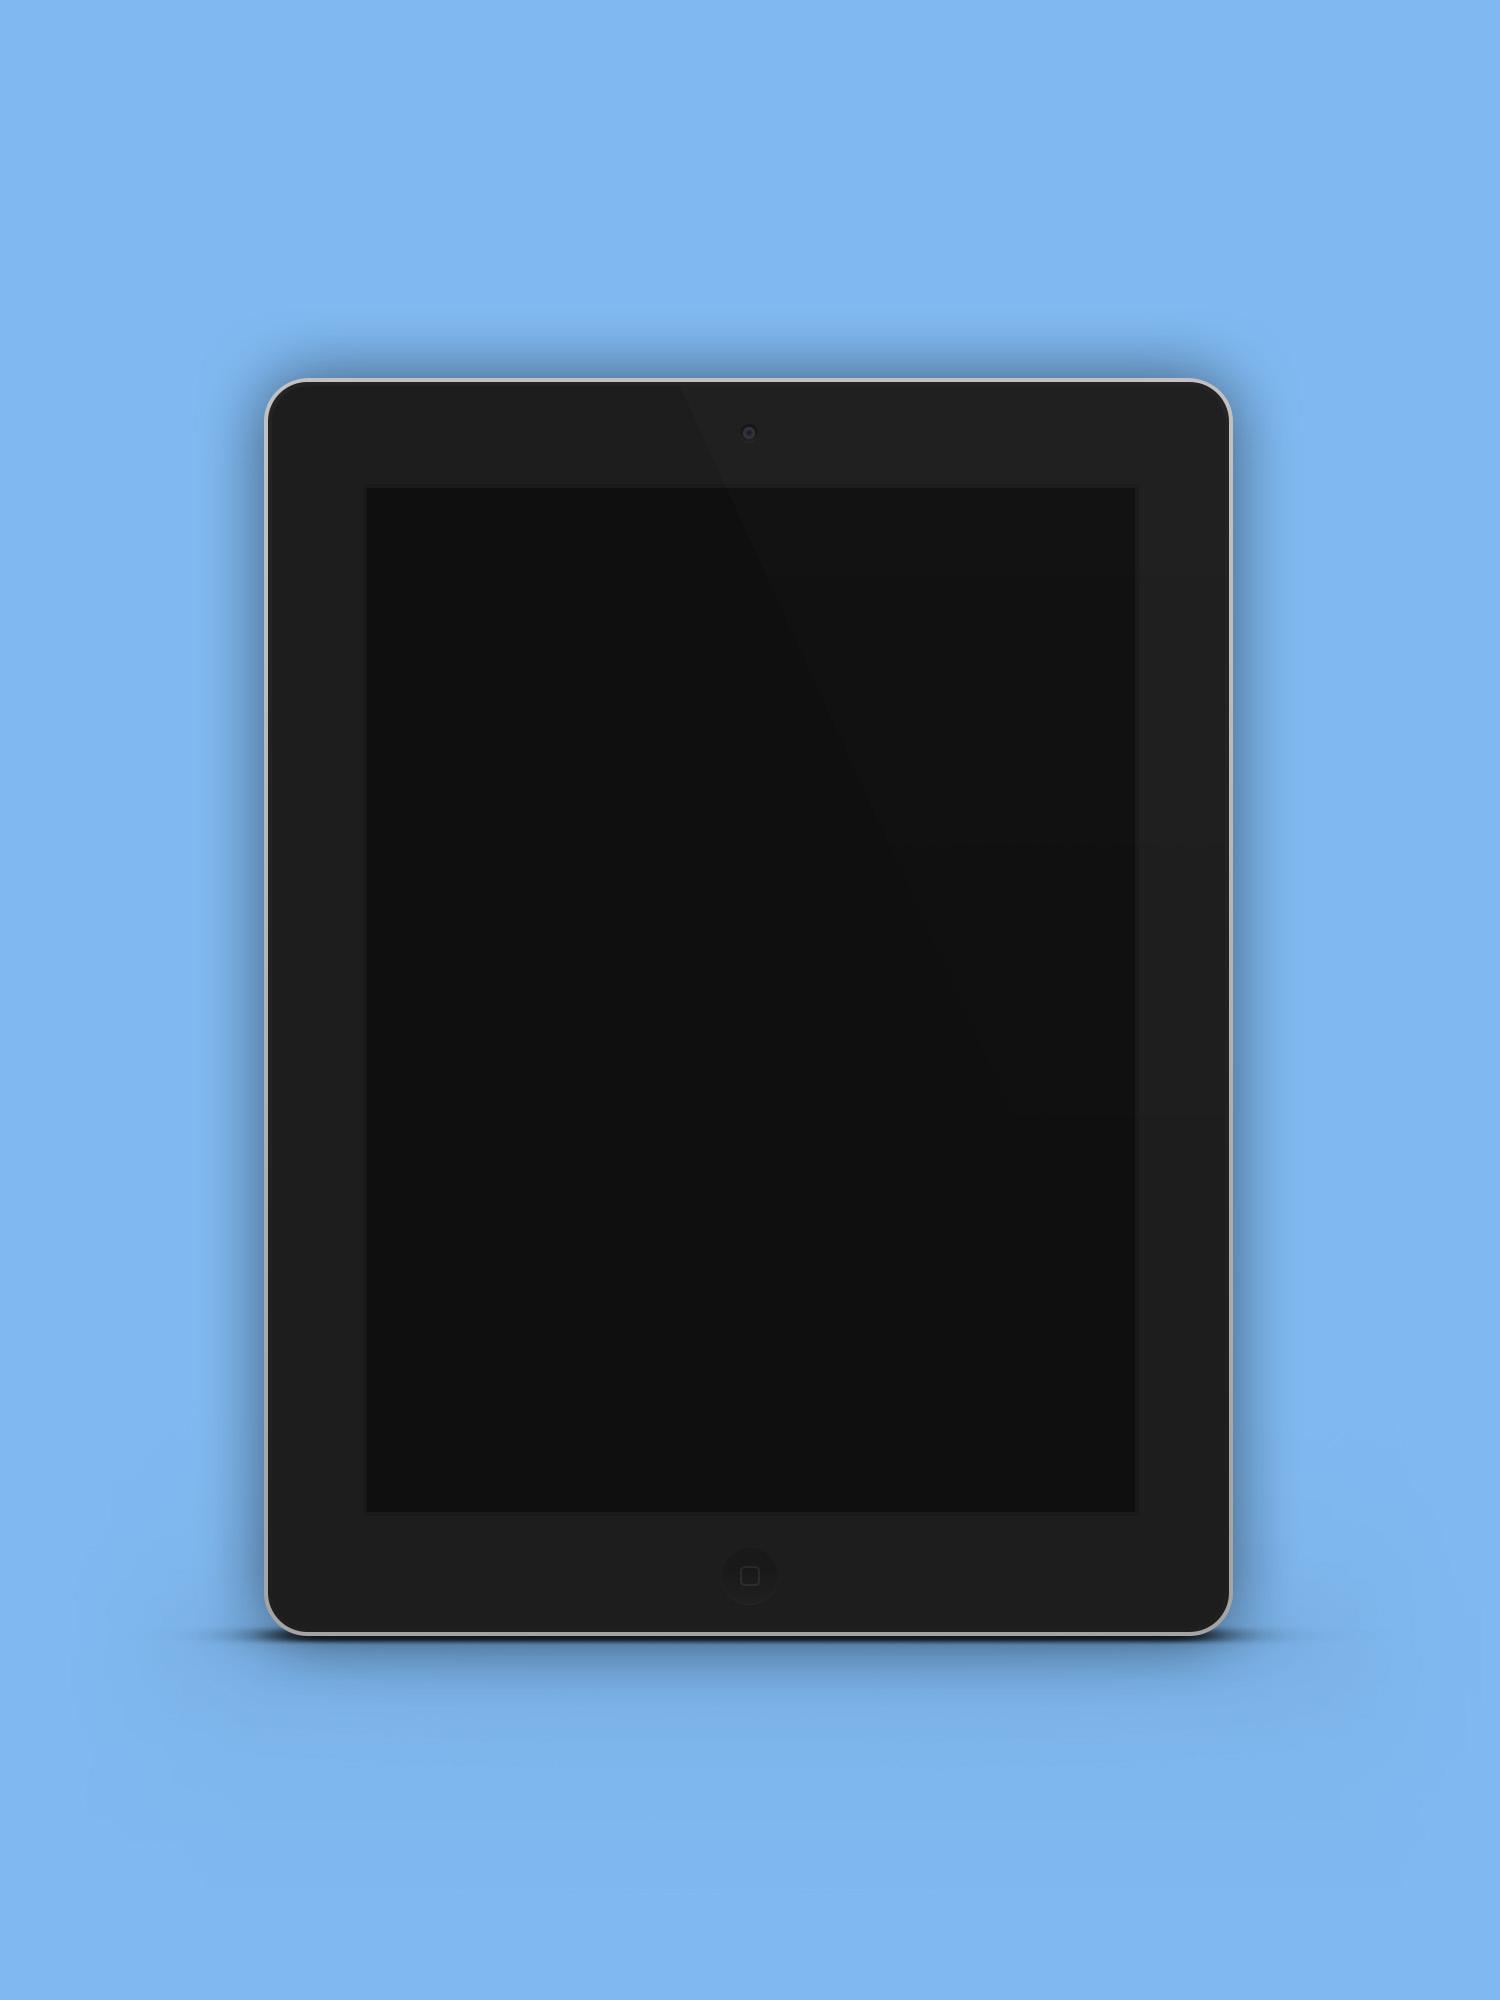 Minipad black